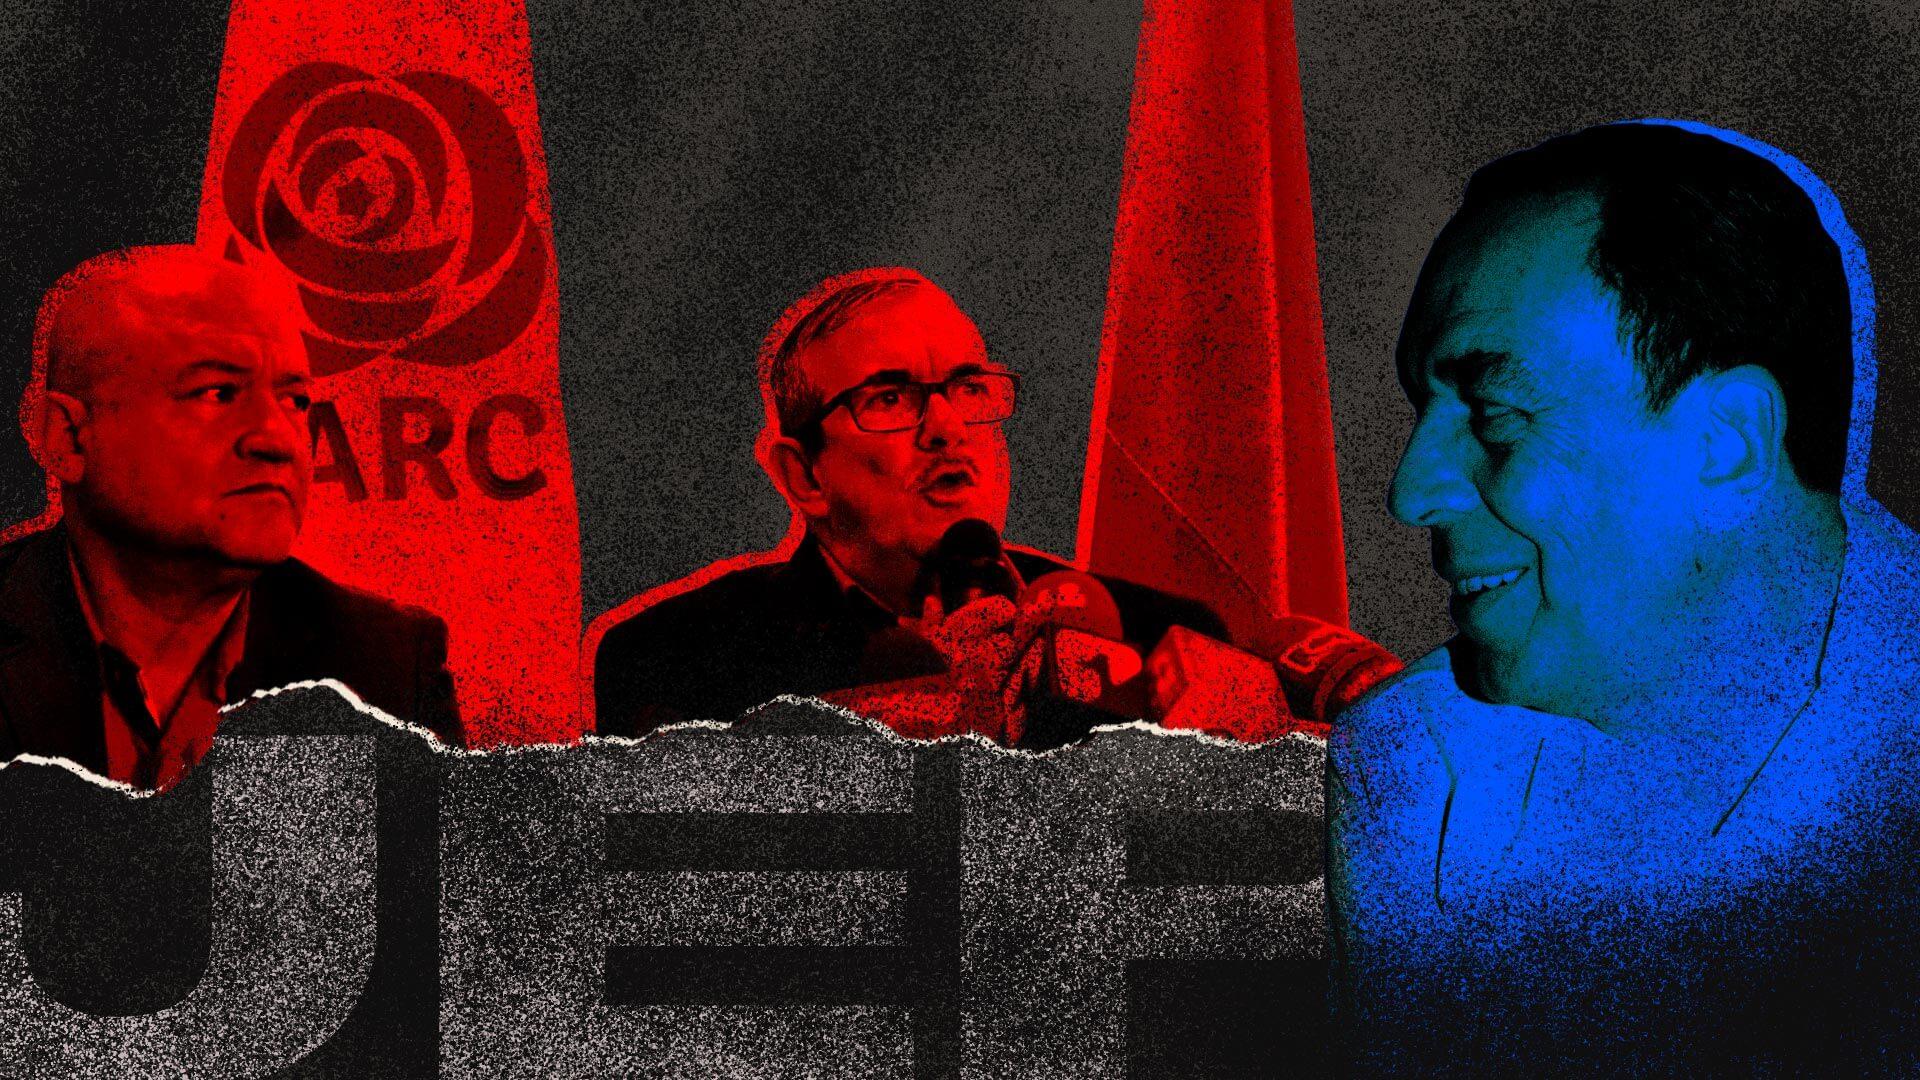 Carlos Lozada y 'Timochenko', a contar más sobre el caso Álvaro Gómez en la JEP